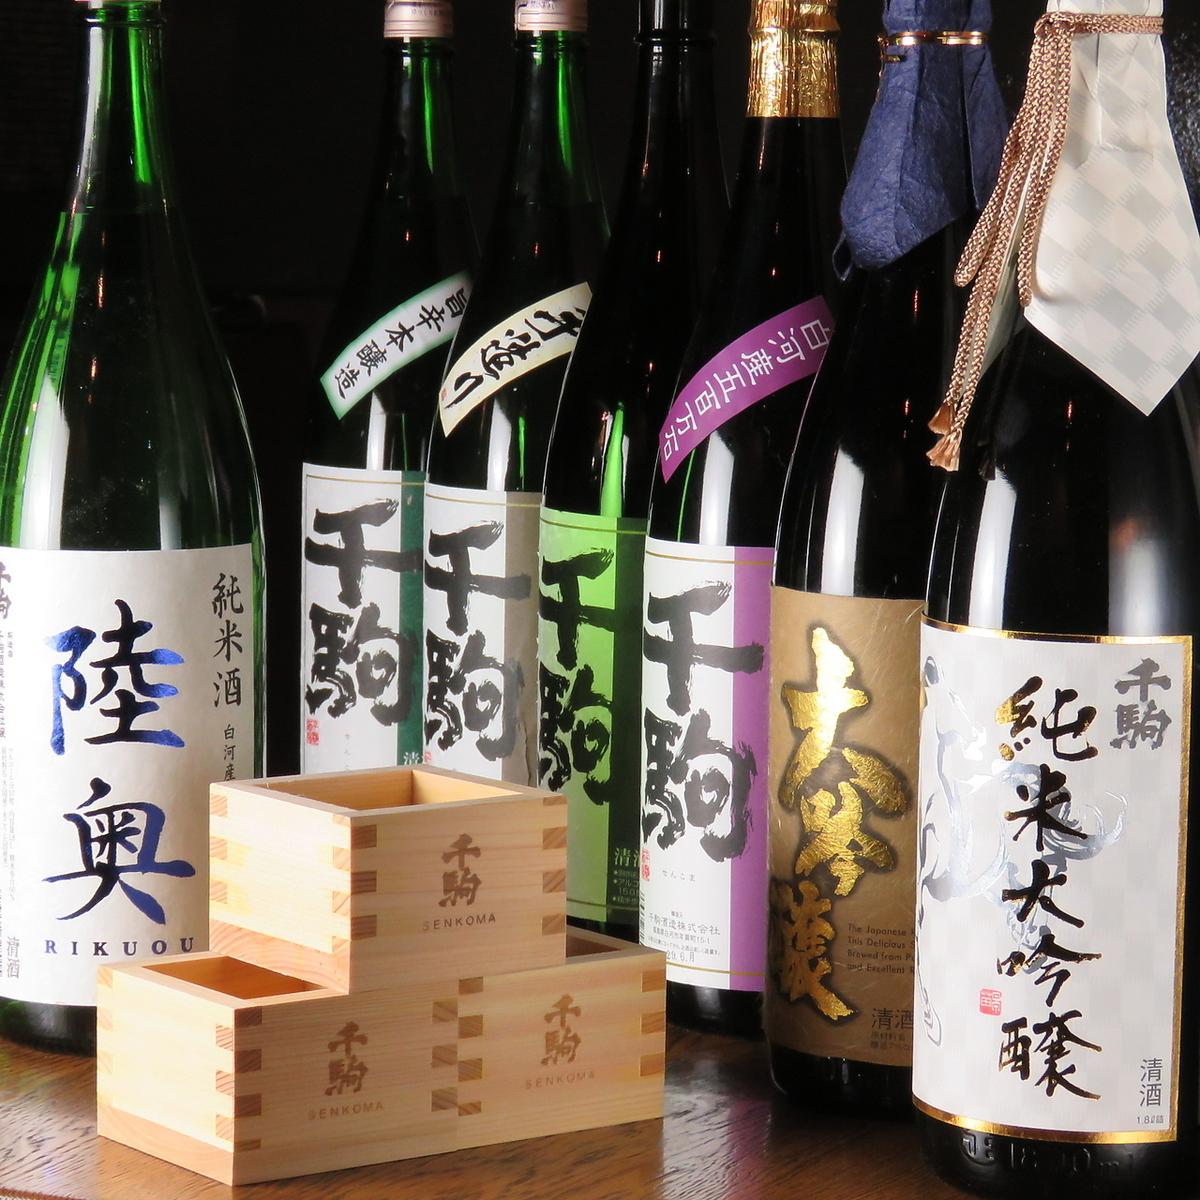 양조장 직송 일본 술